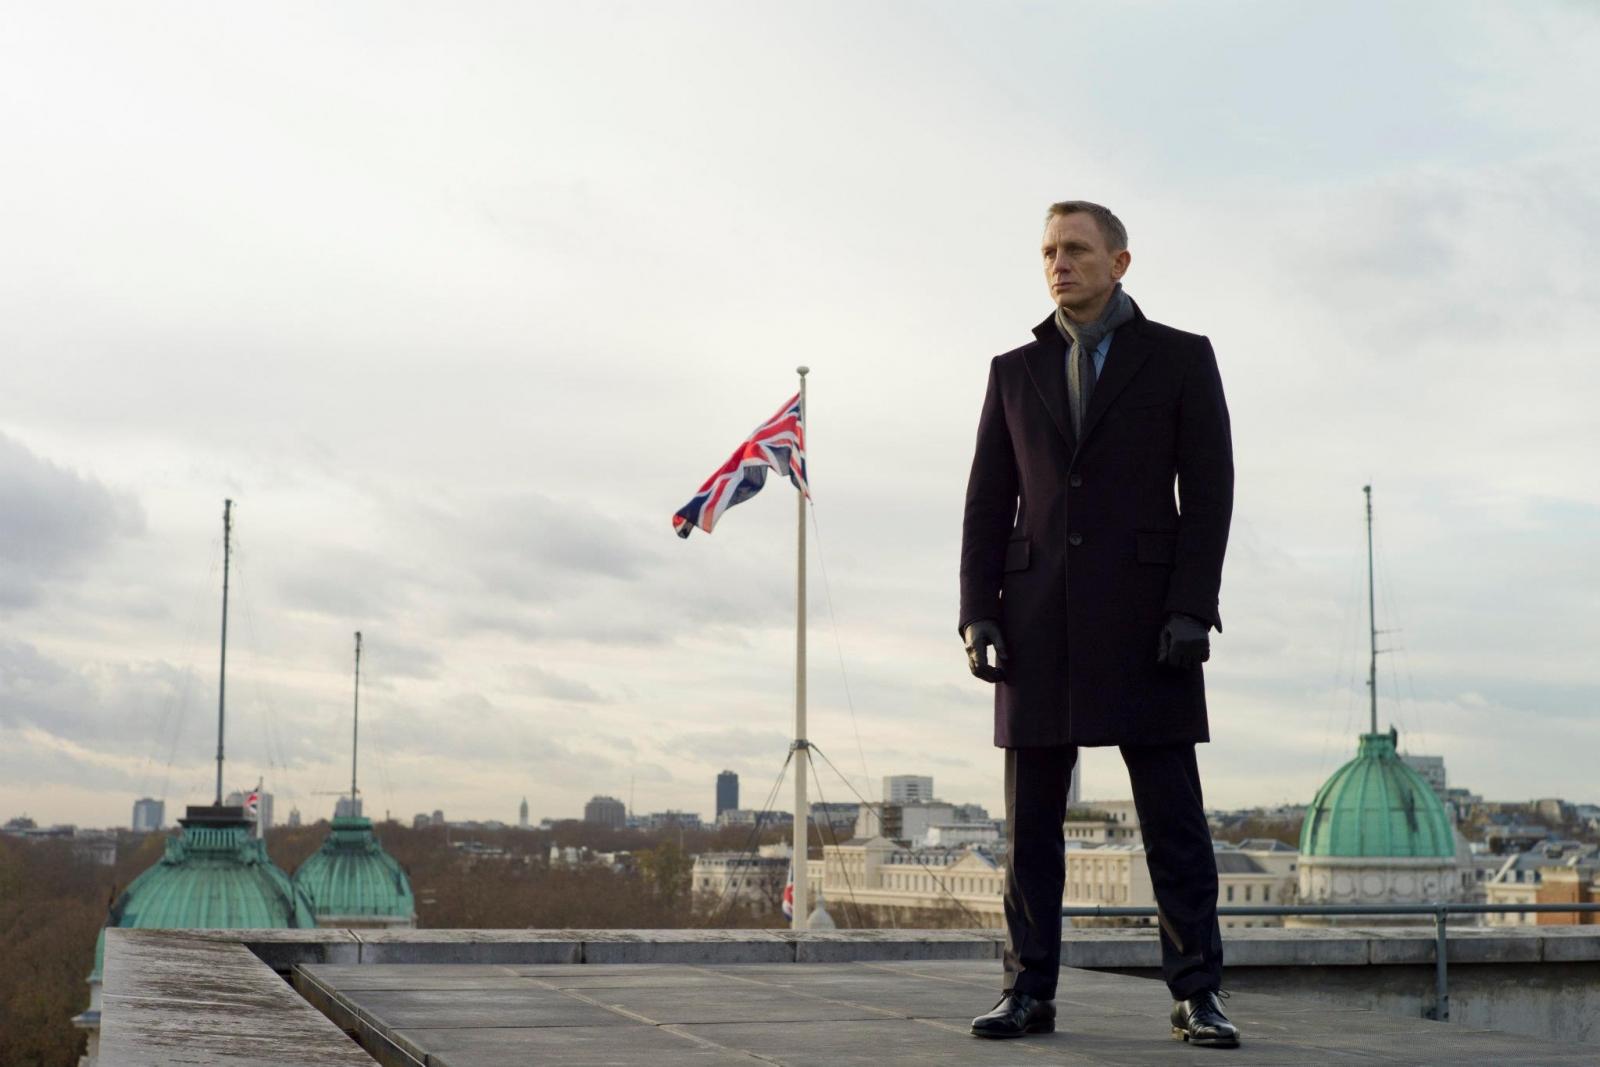 The very British Bond